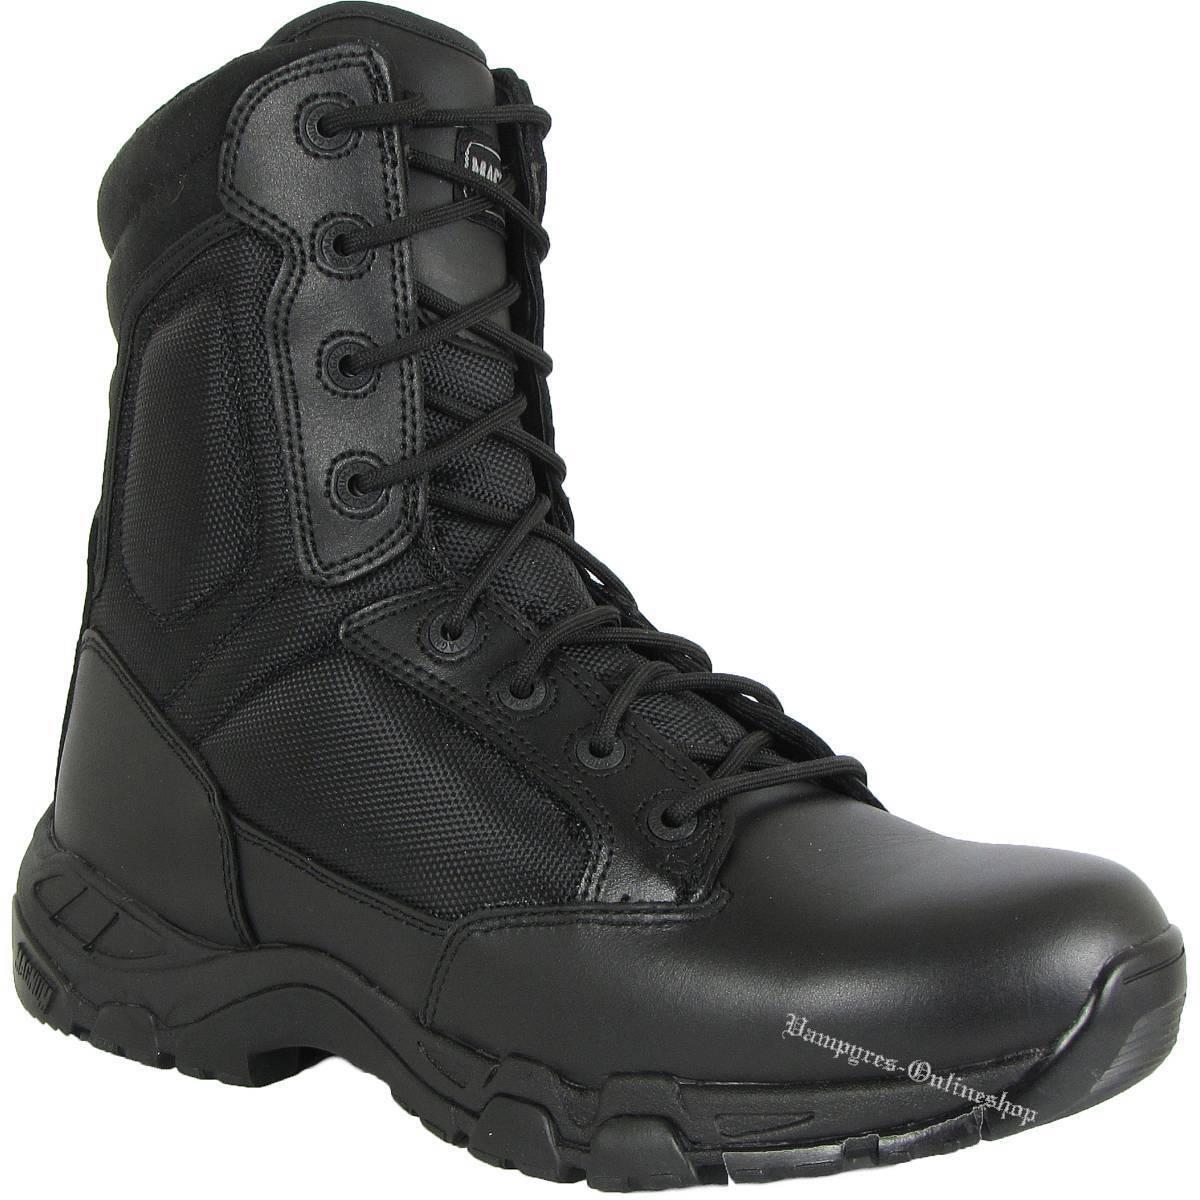 Hi-Tec Magnum Viper pro 8.0 8.0 8.0 SZ side ZIP zapatos HITEC Security botas negro  tienda de venta